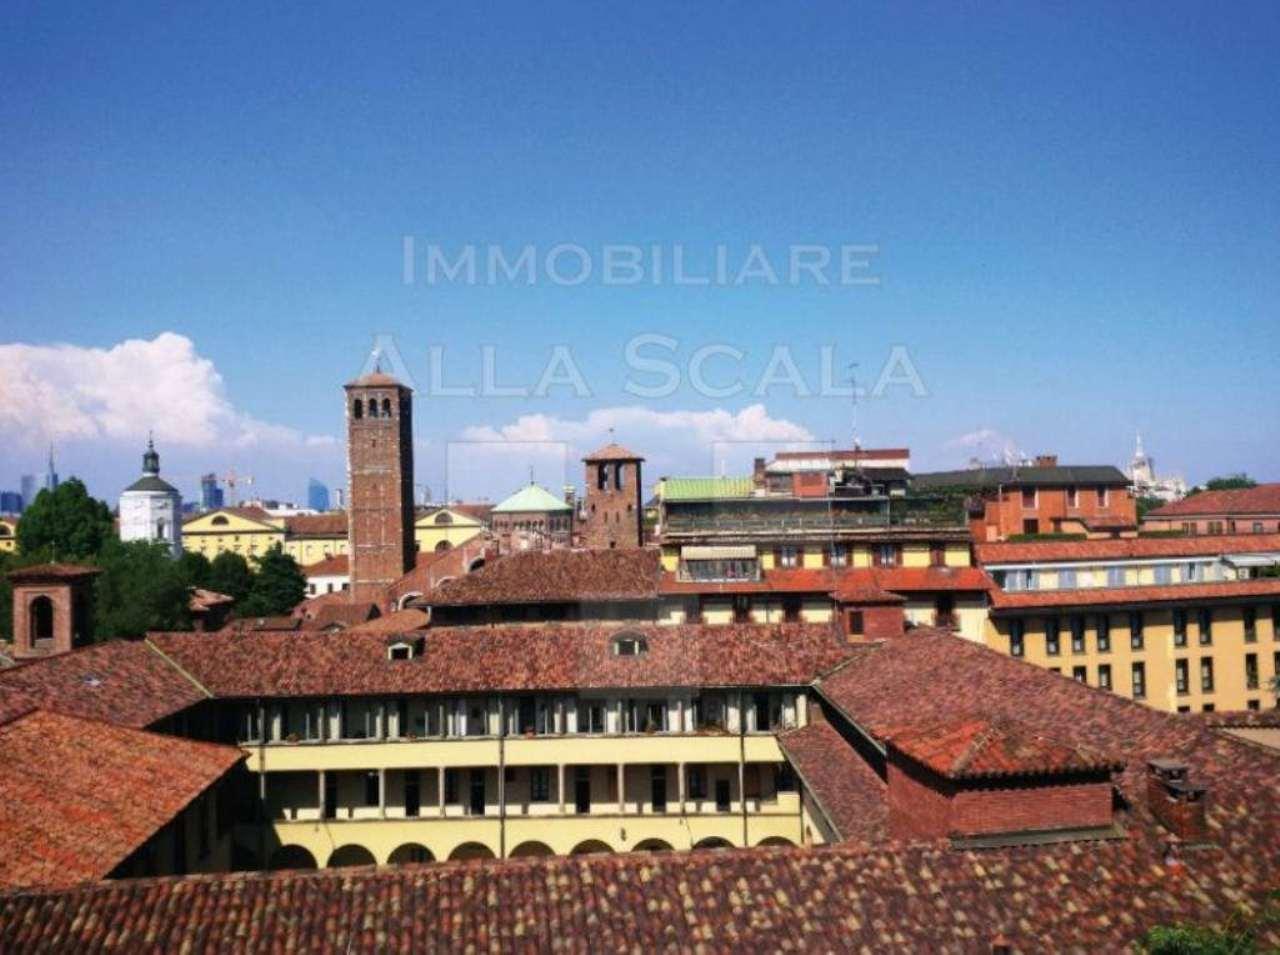 Attico / Mansarda in affitto a Milano, 3 locali, zona Zona: 1 . Centro Storico, Duomo, Brera, Cadorna, Cattolica, prezzo € 2.250 | Cambio Casa.it